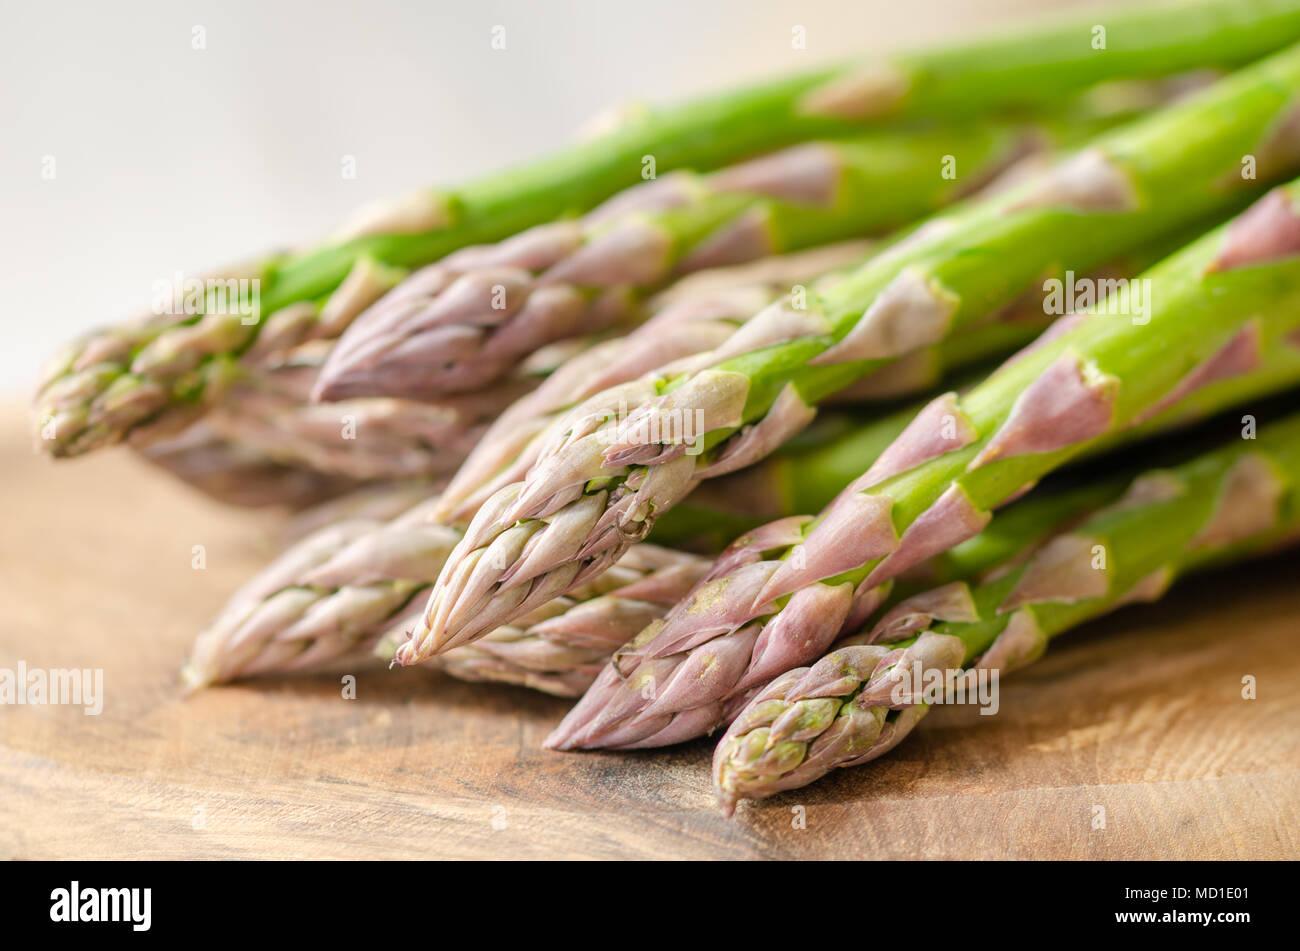 L'asperge verte et fraîche sur la table en bois, de l'alimentation végétarienne, Photo Stock